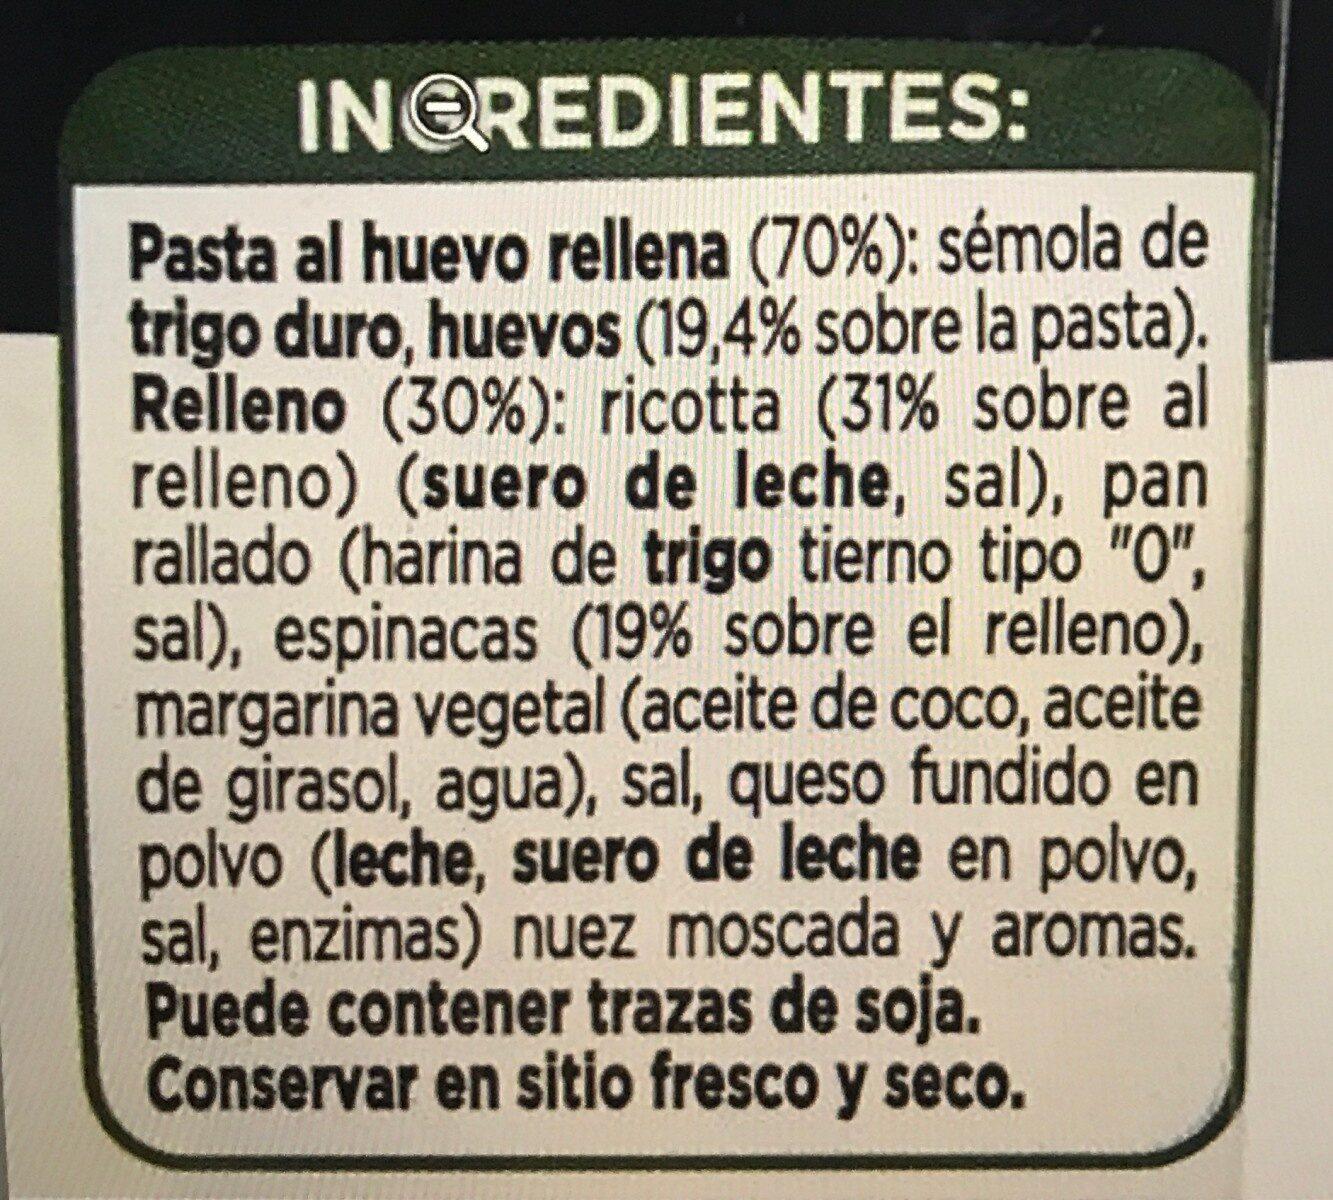 Tortelloni con ricotta y espinacas - Ingredientes